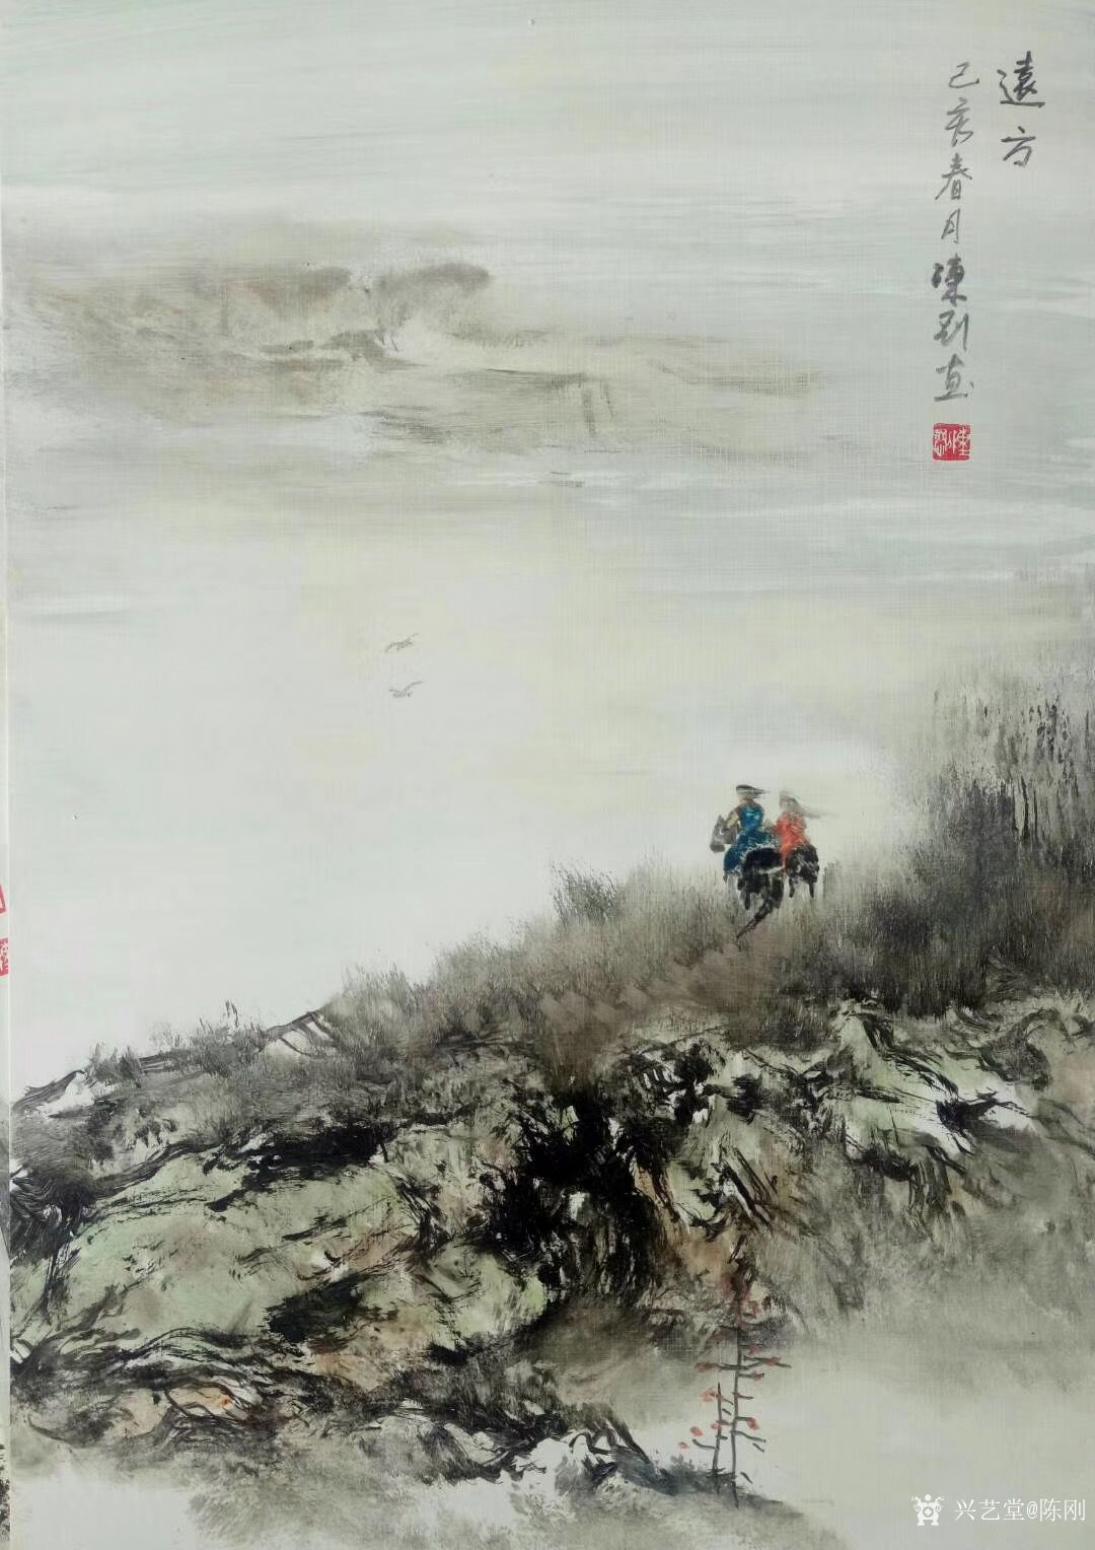 陈刚油画作品《油画山水画-远方》